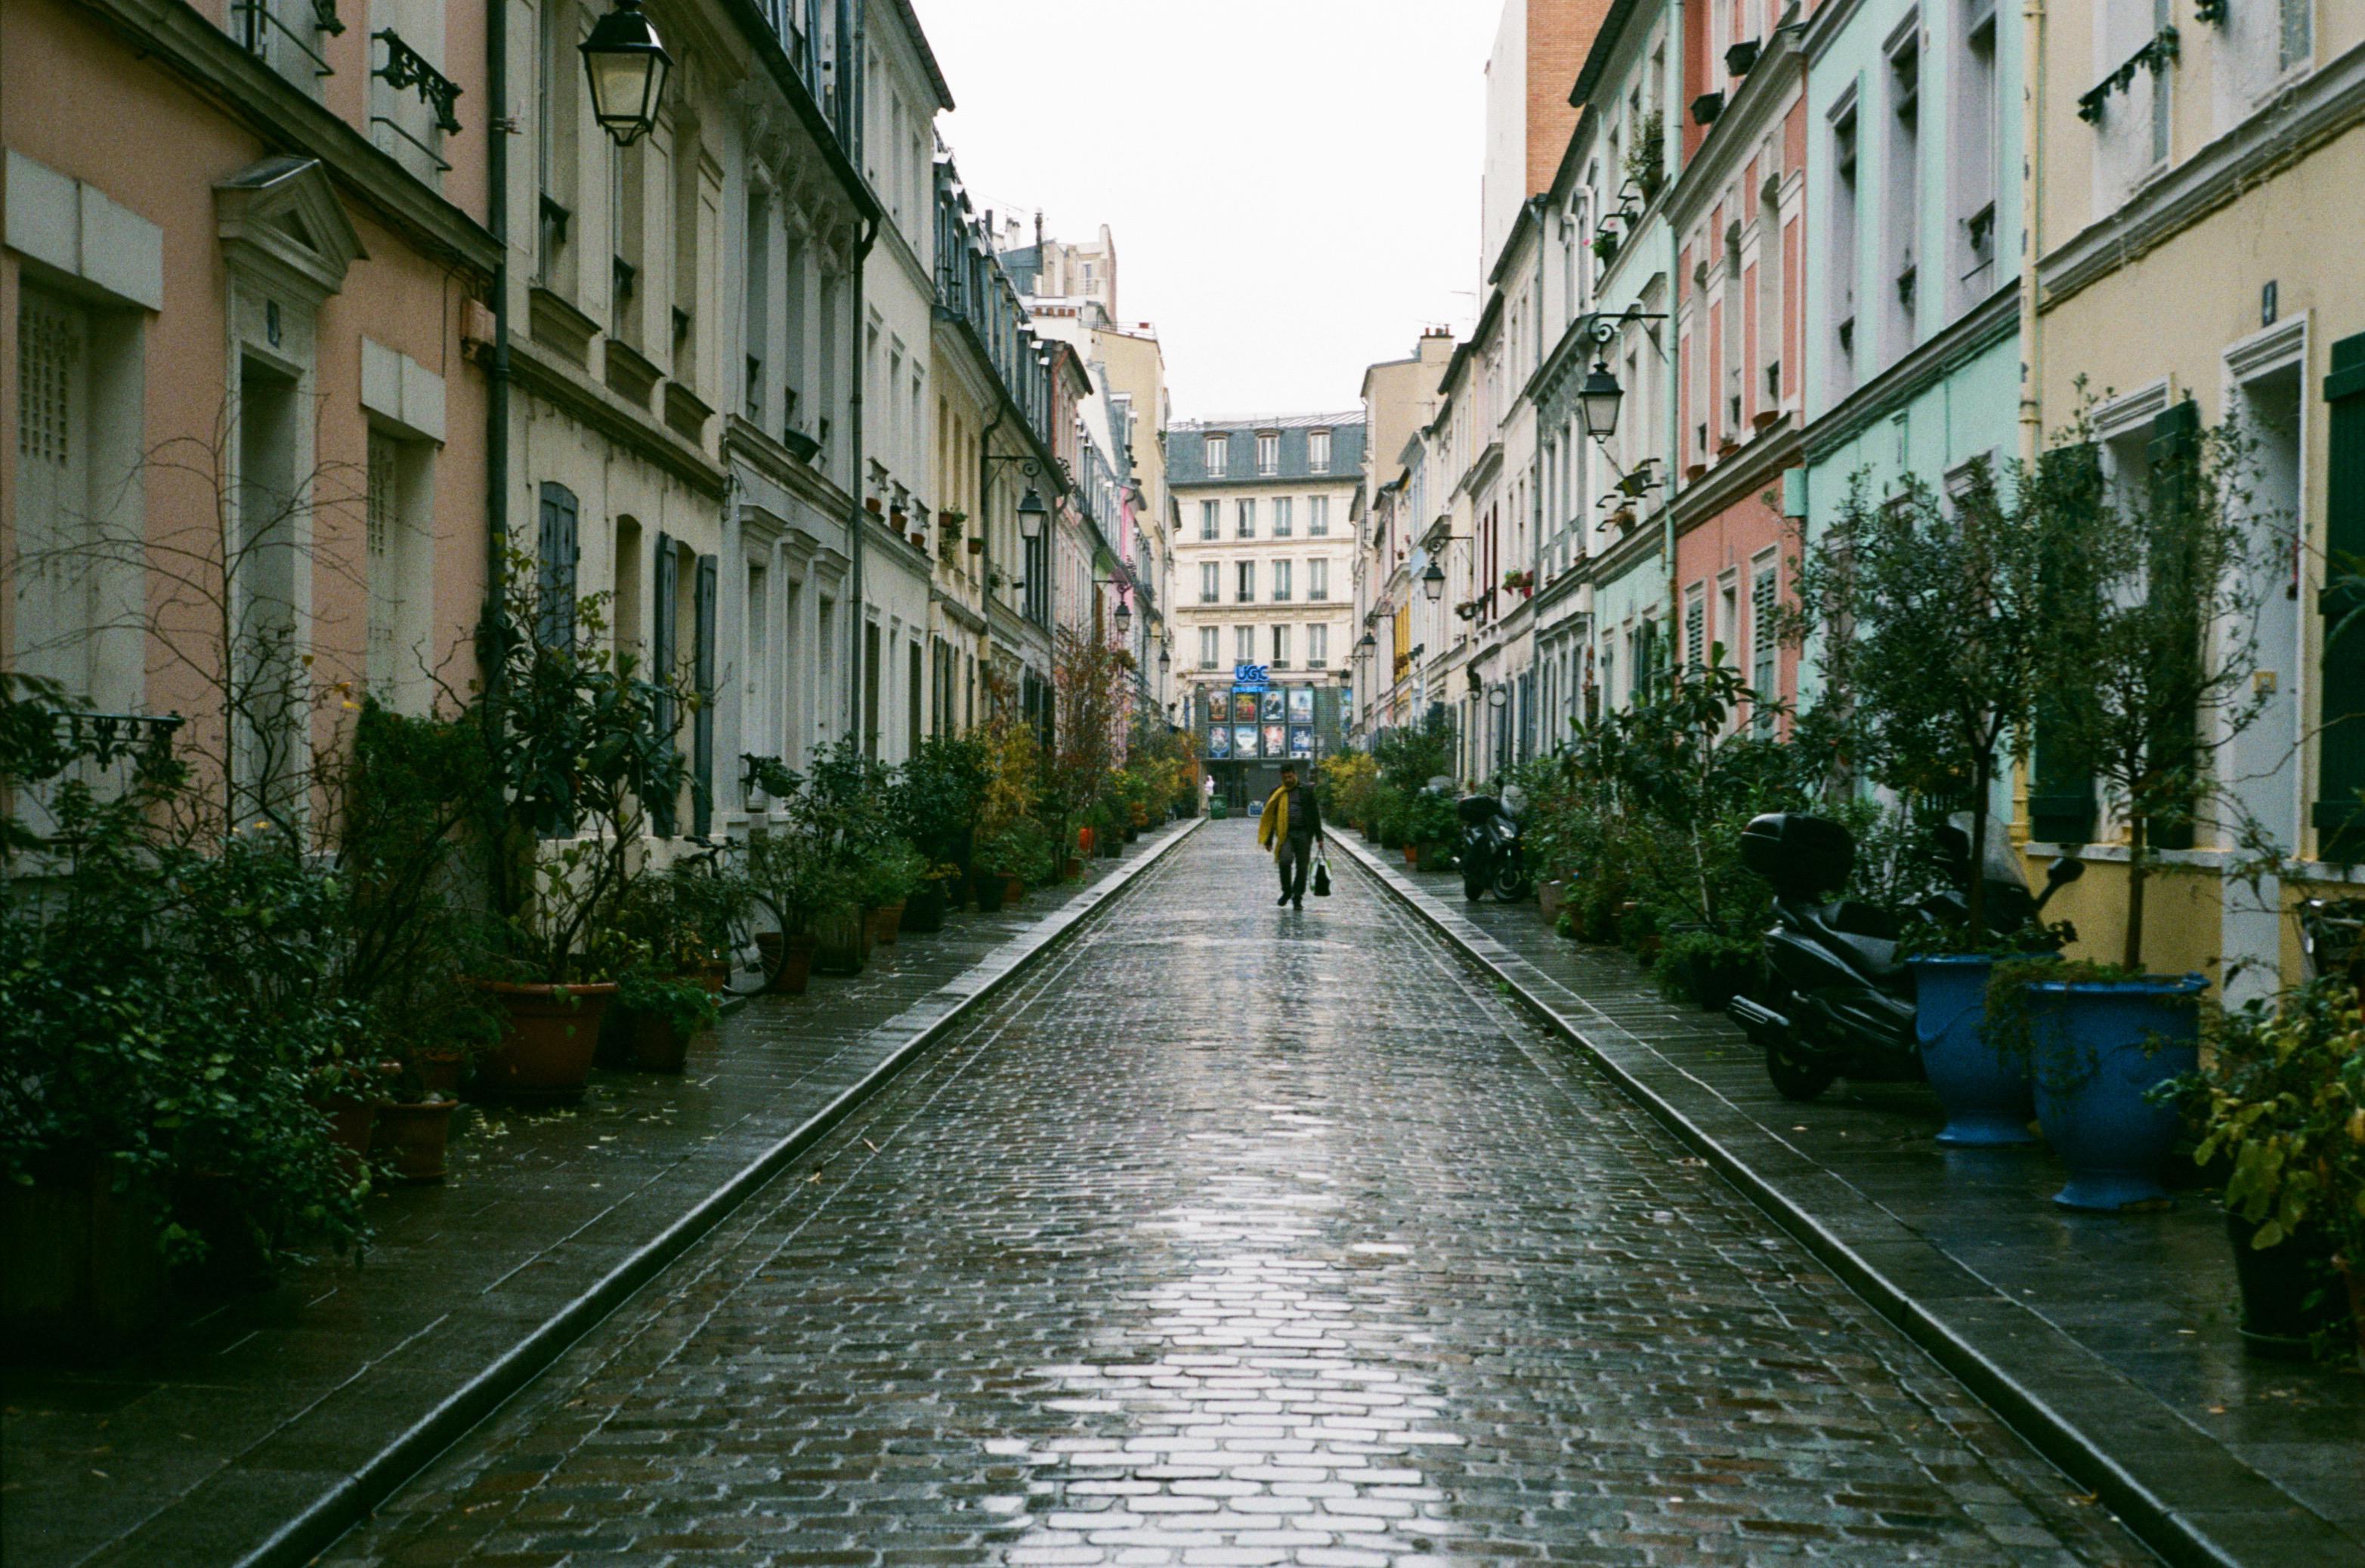 Residential street in Paris